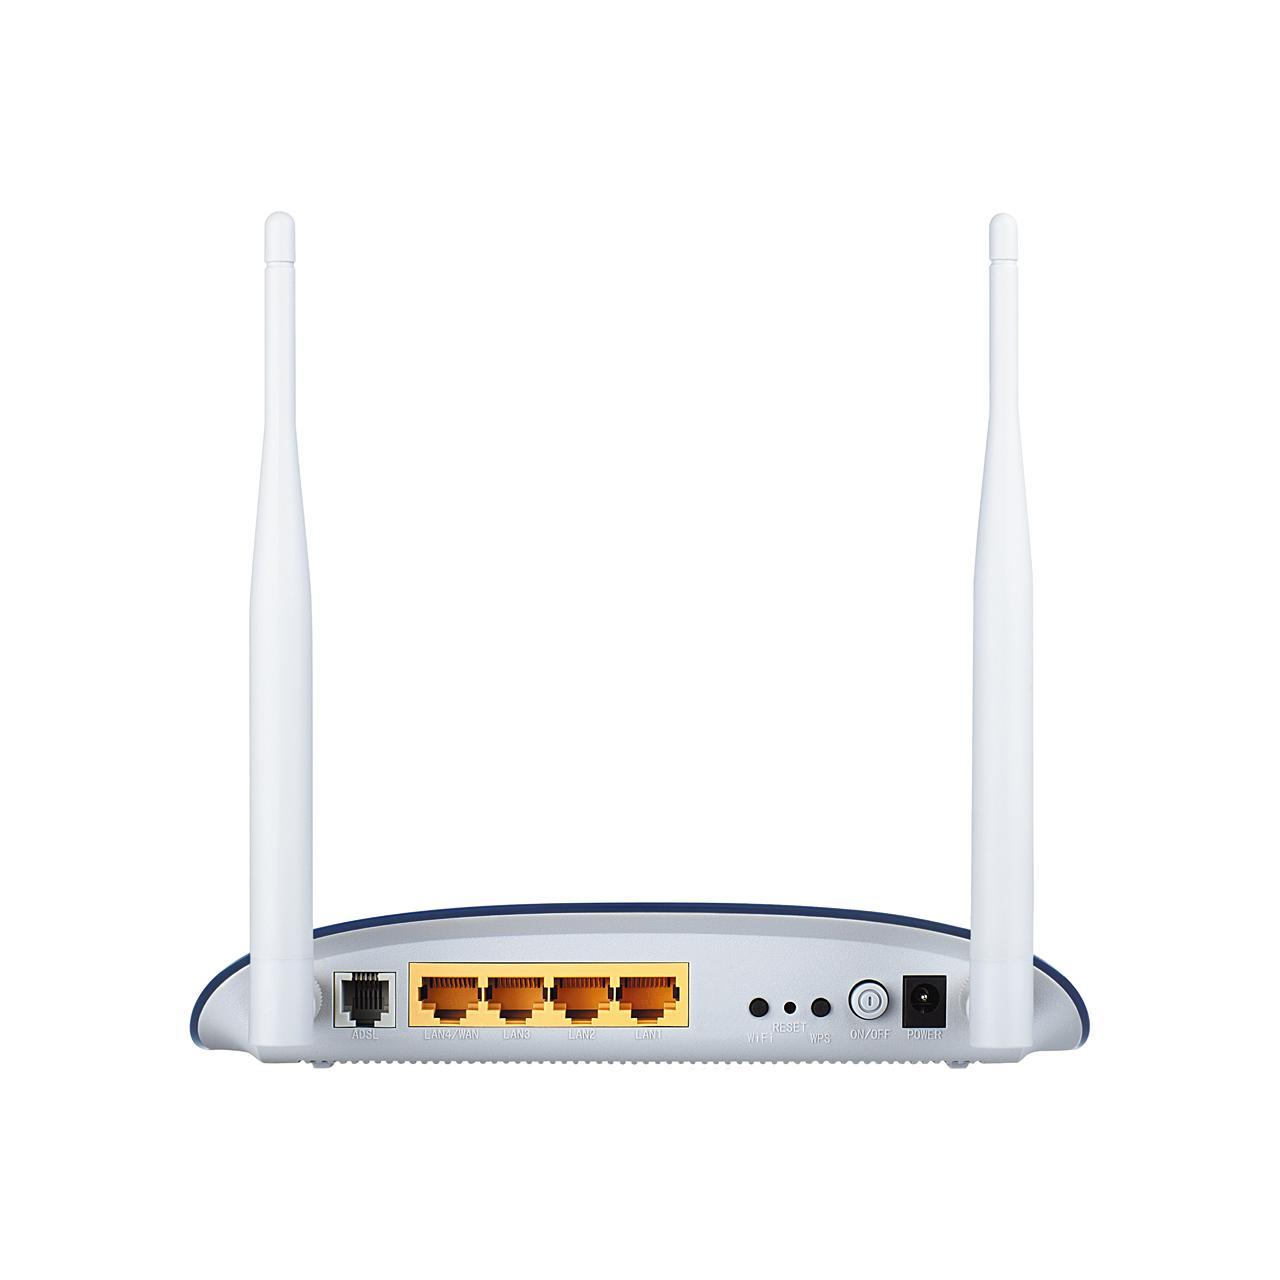 Tp-link TD-W8960N ADSL